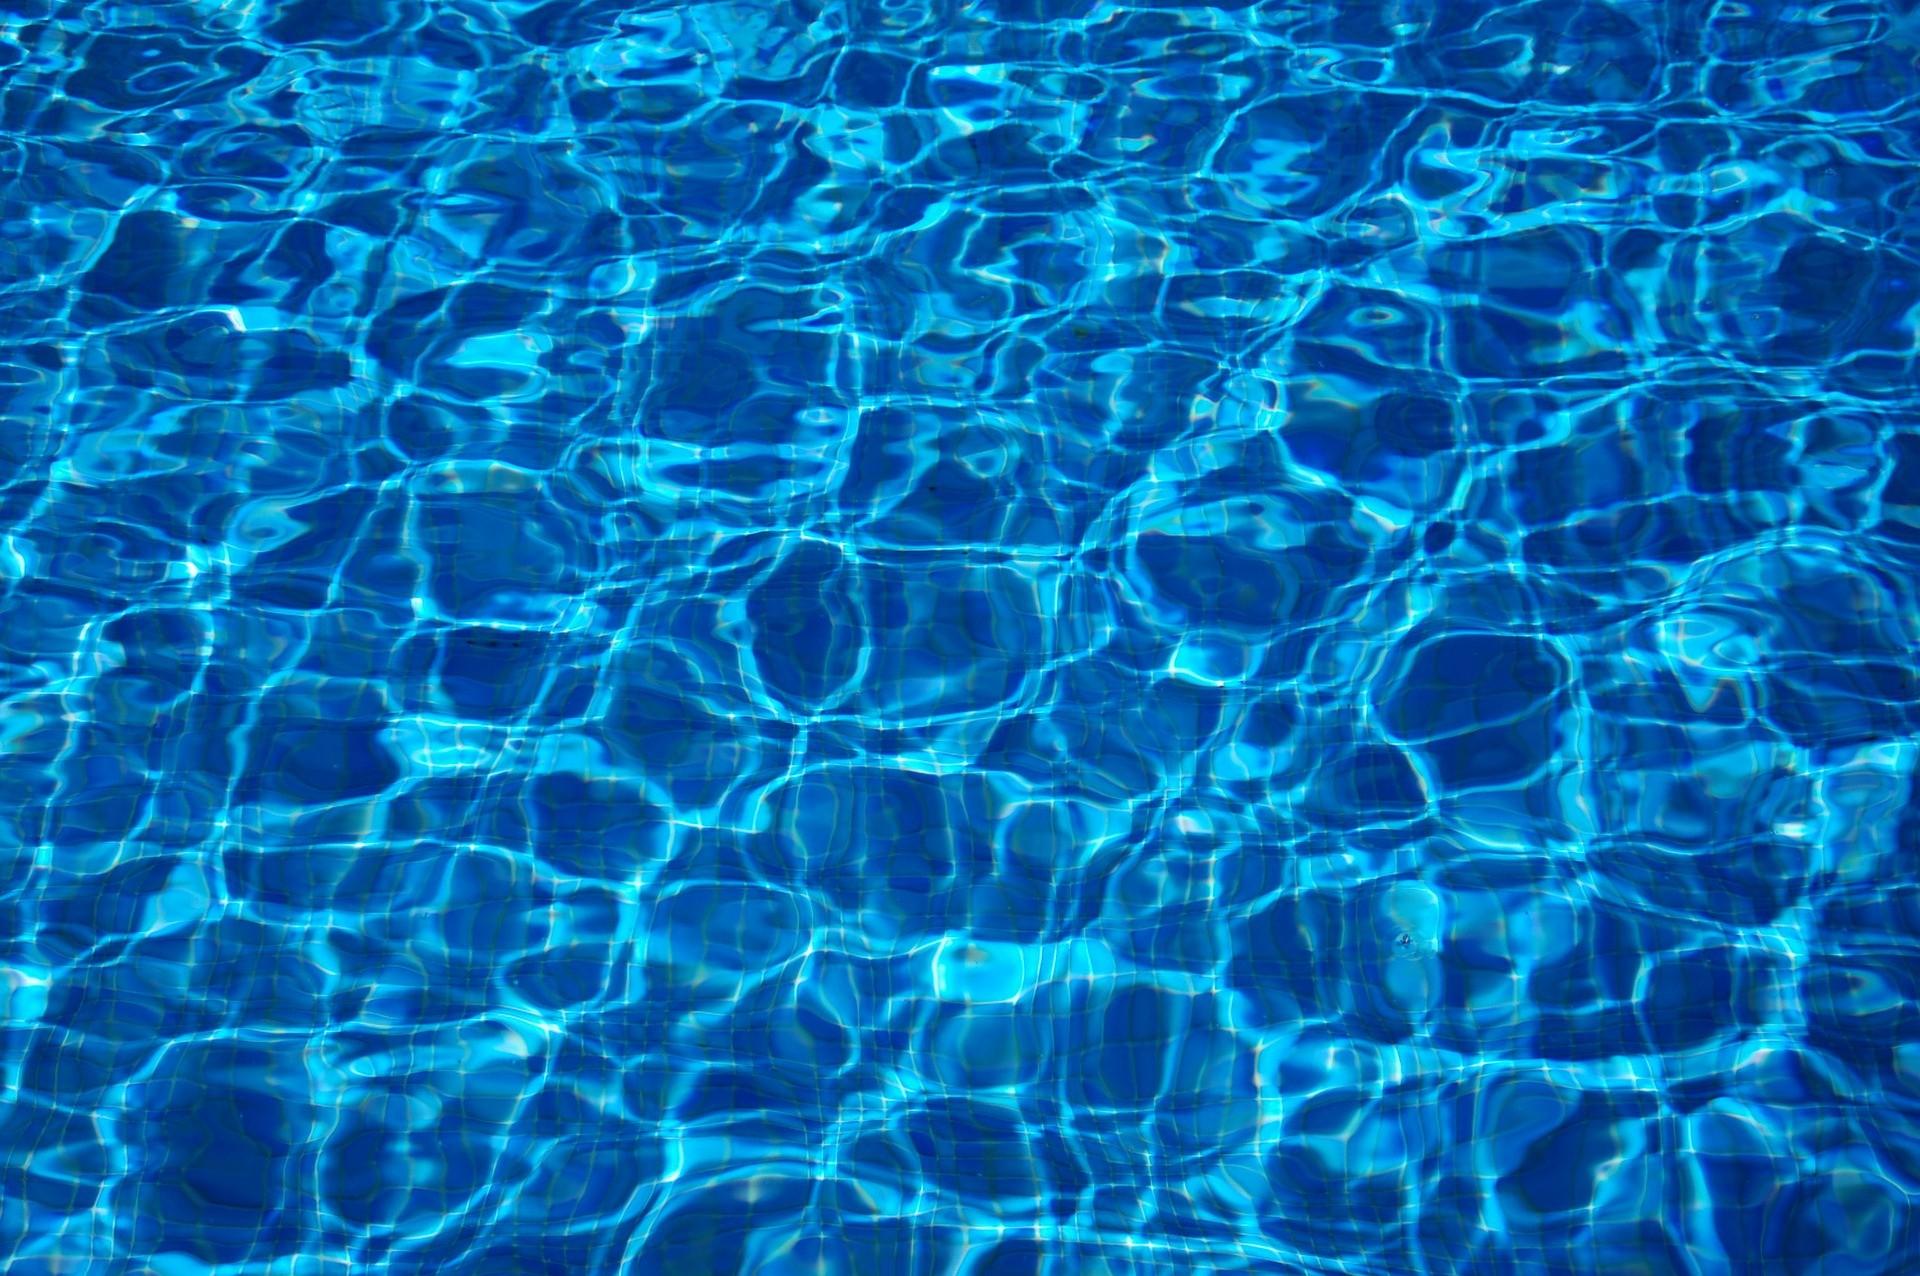 vand er livets kilde